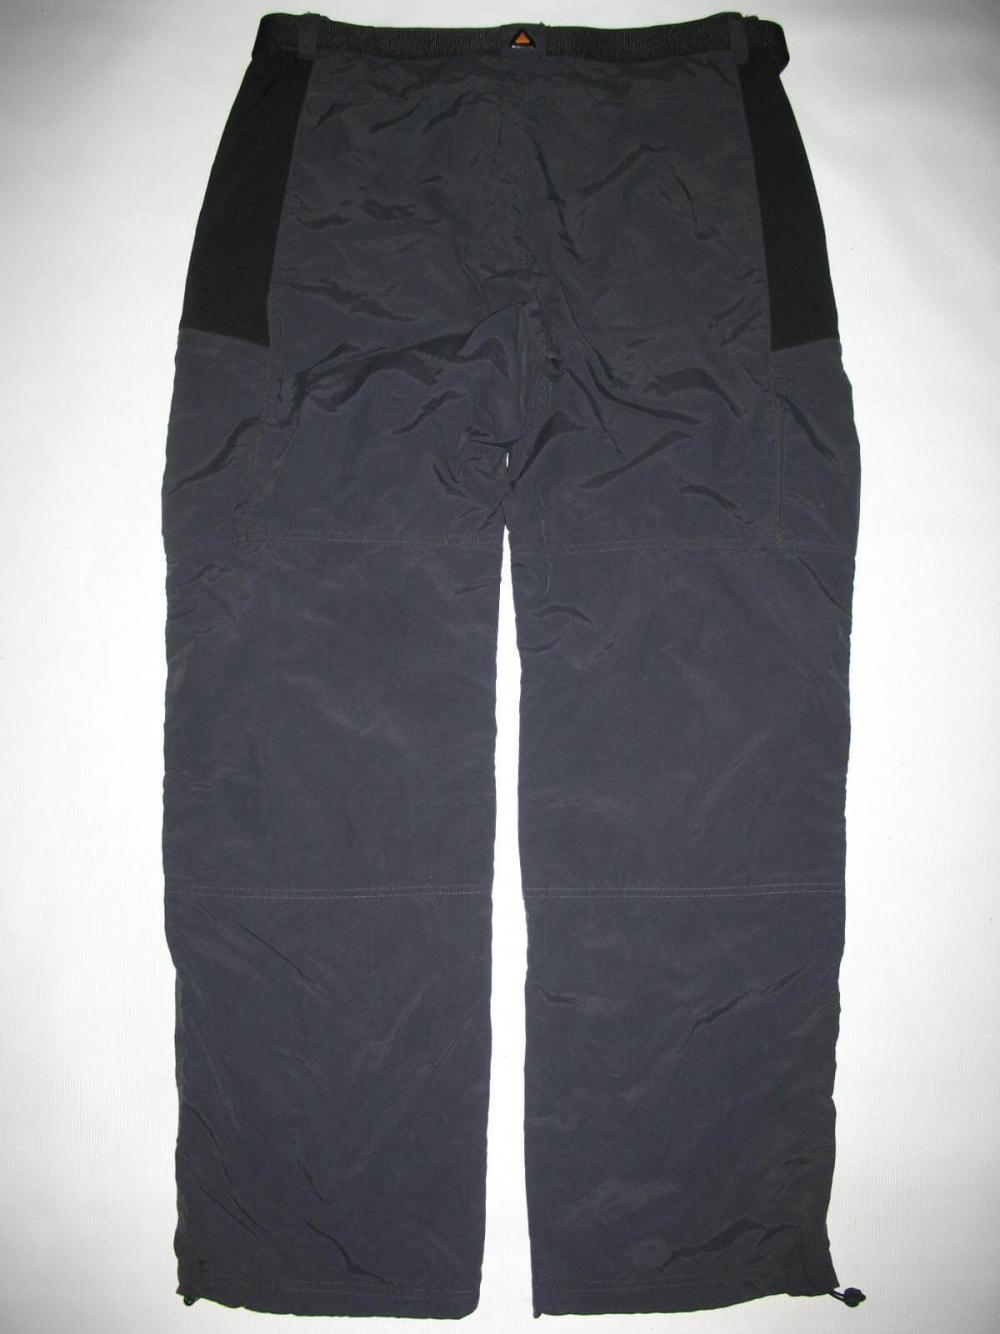 Штаны ICEPEAK Nano-Q outdoor pants (размер 54-XL) - 2